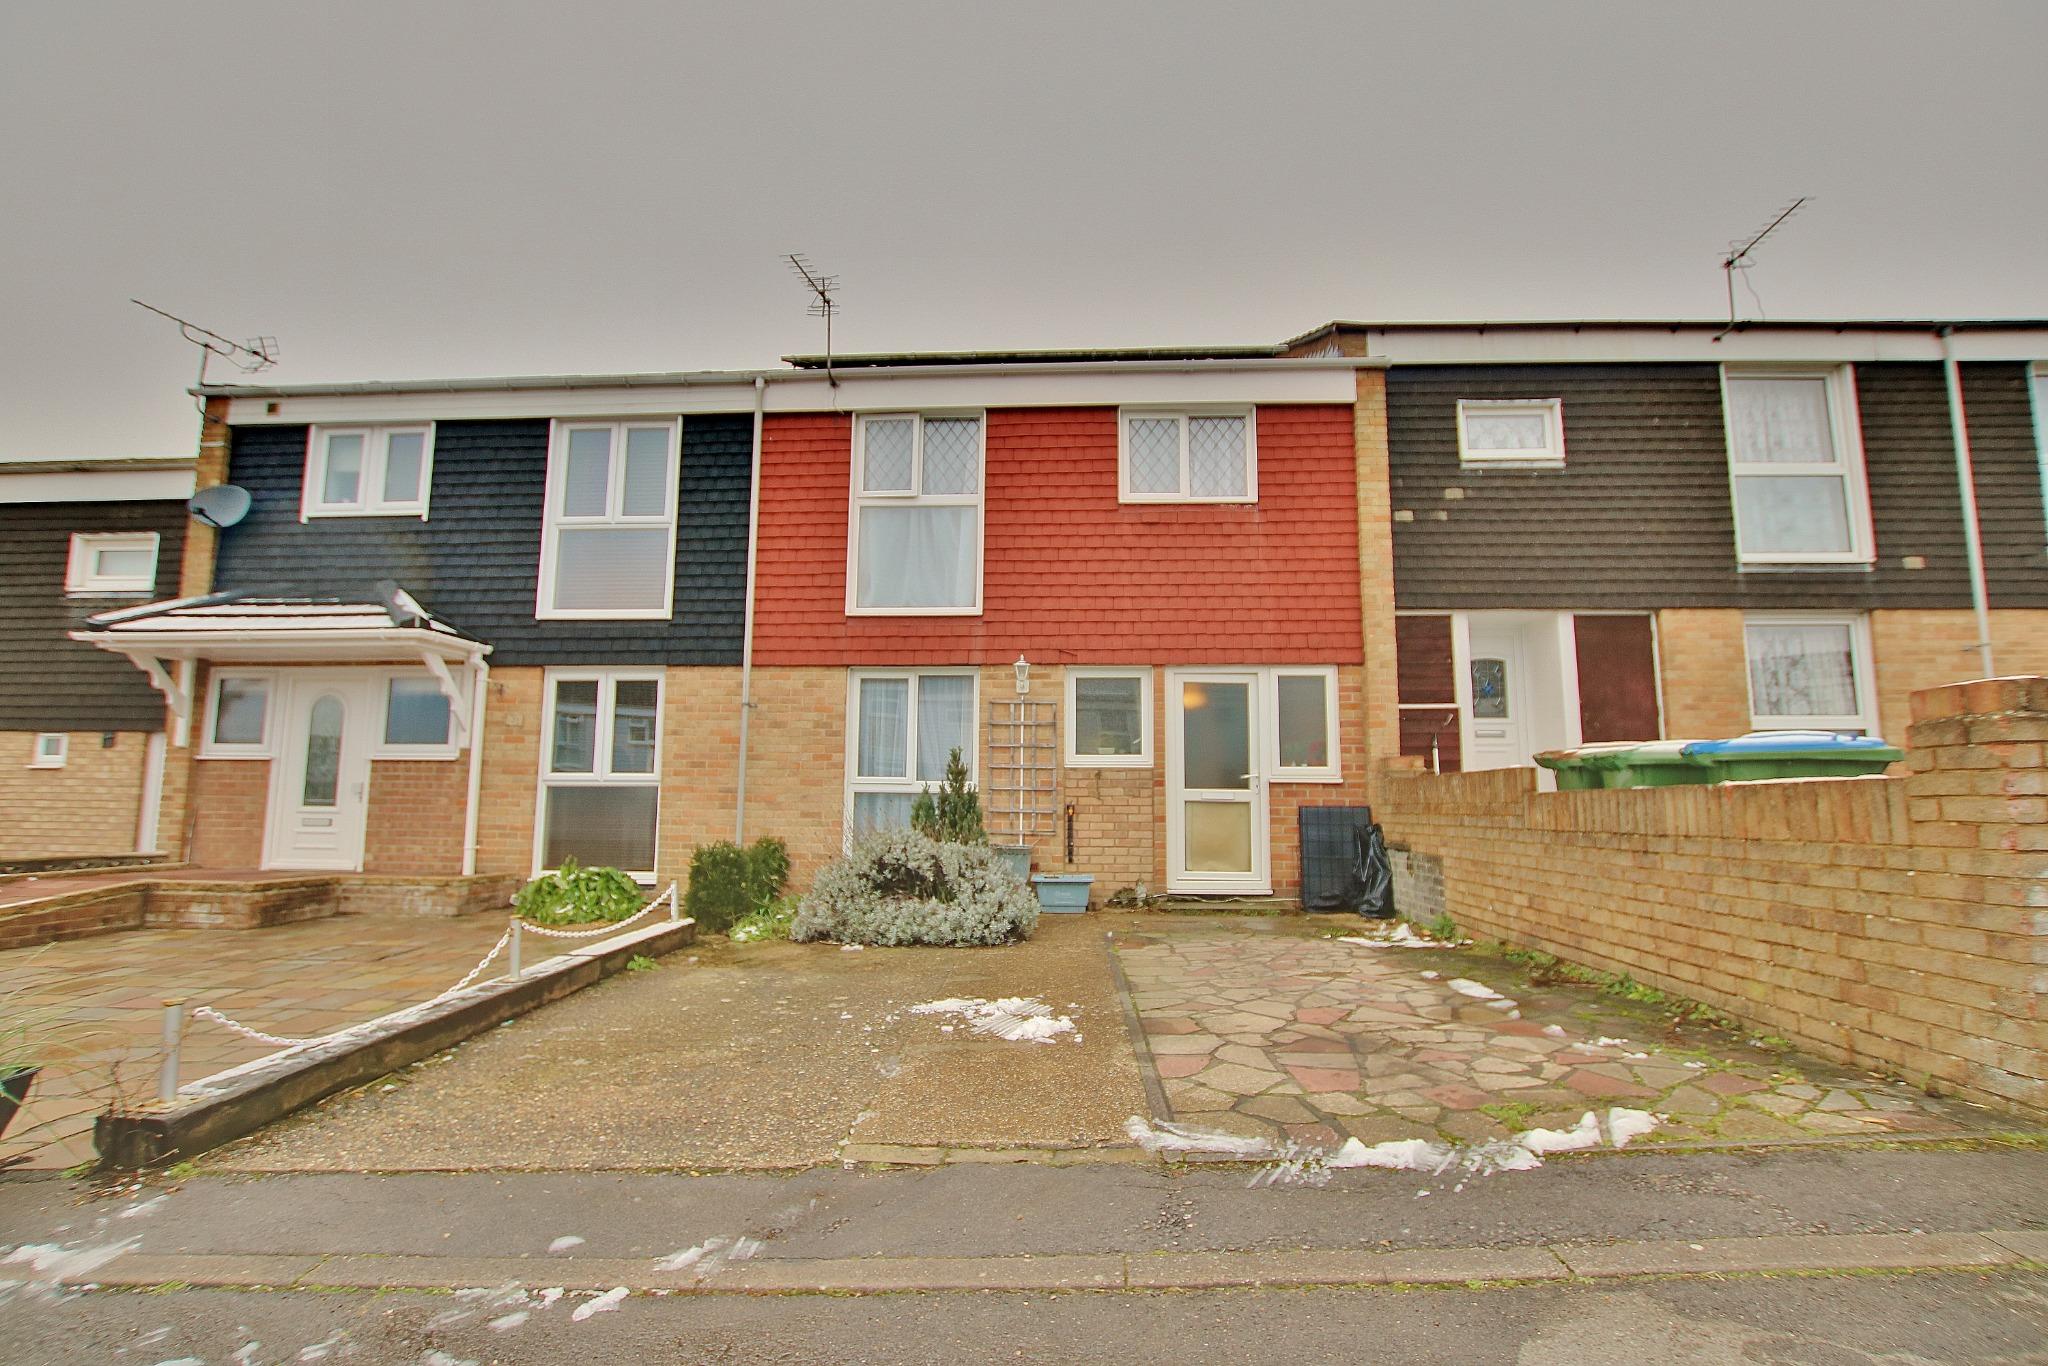 Orion close, Lordshill, Southampton